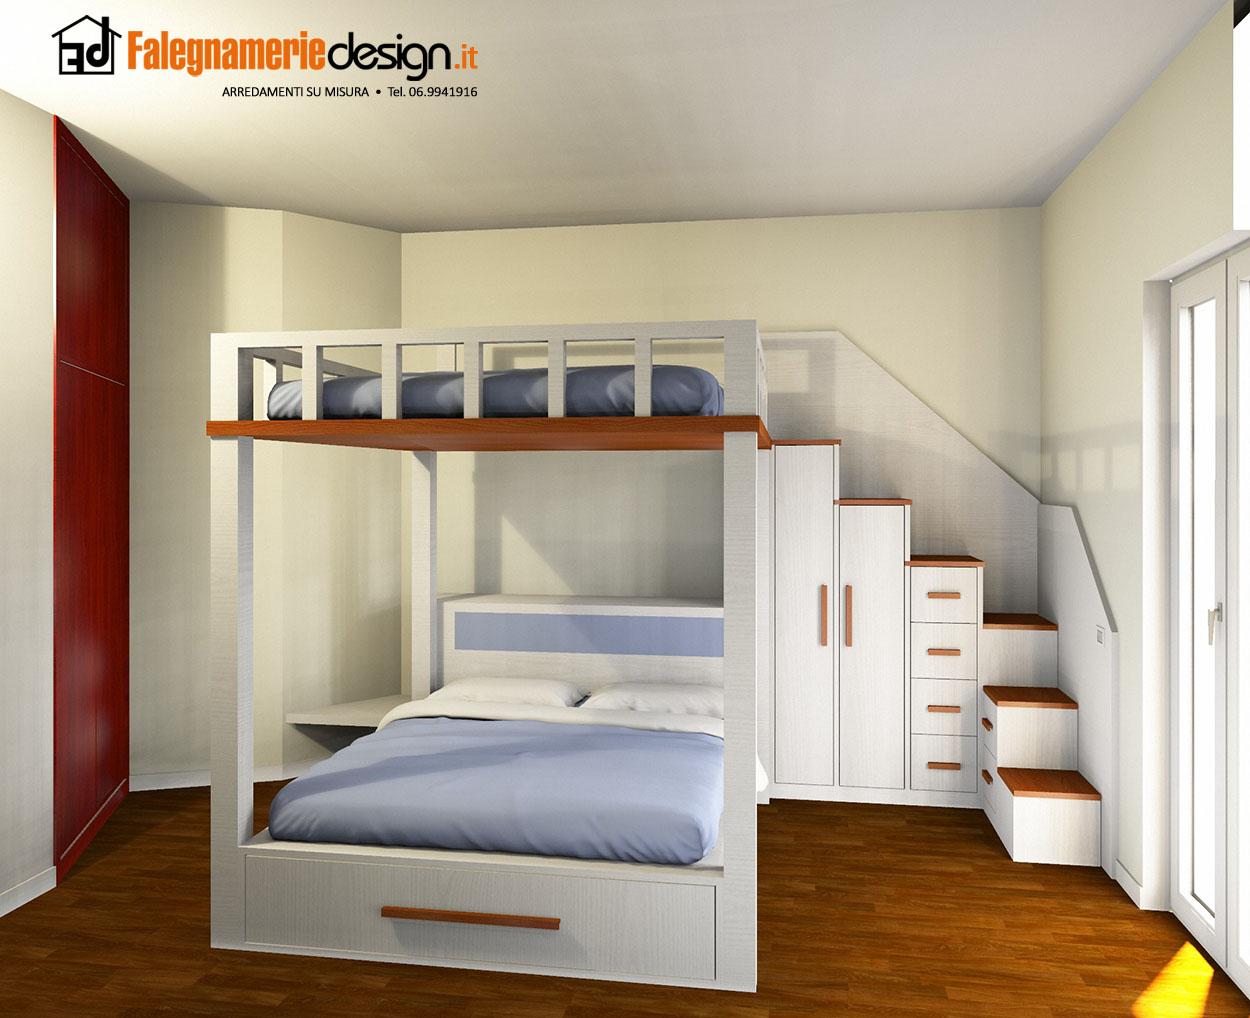 Letto su misura progettazione arredamenti e mobili su misura roma - Reti letto su misura ...